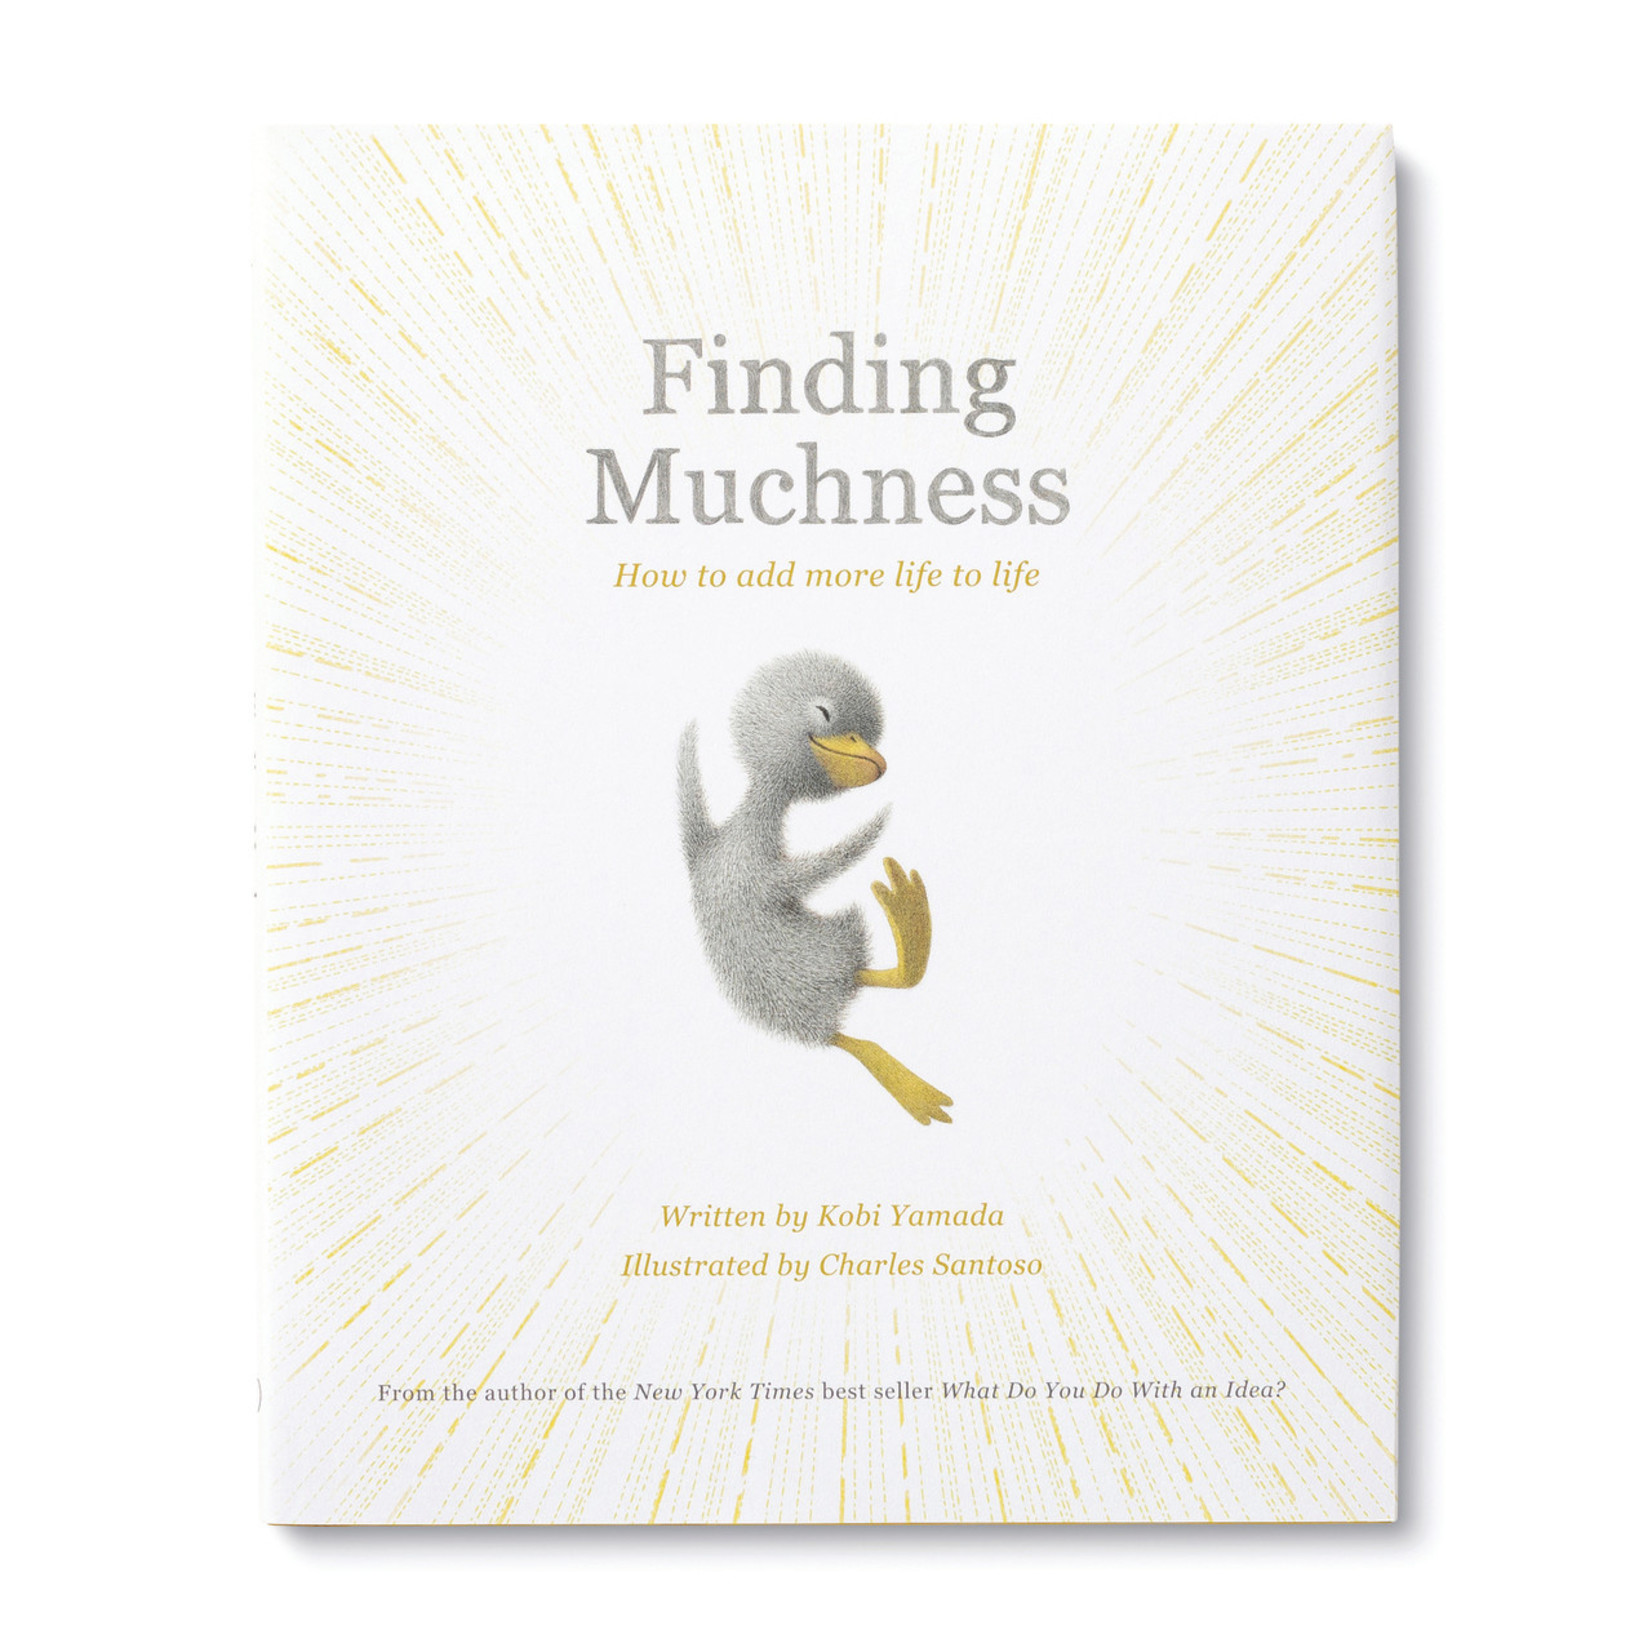 Compendium Book - Finding Muchness